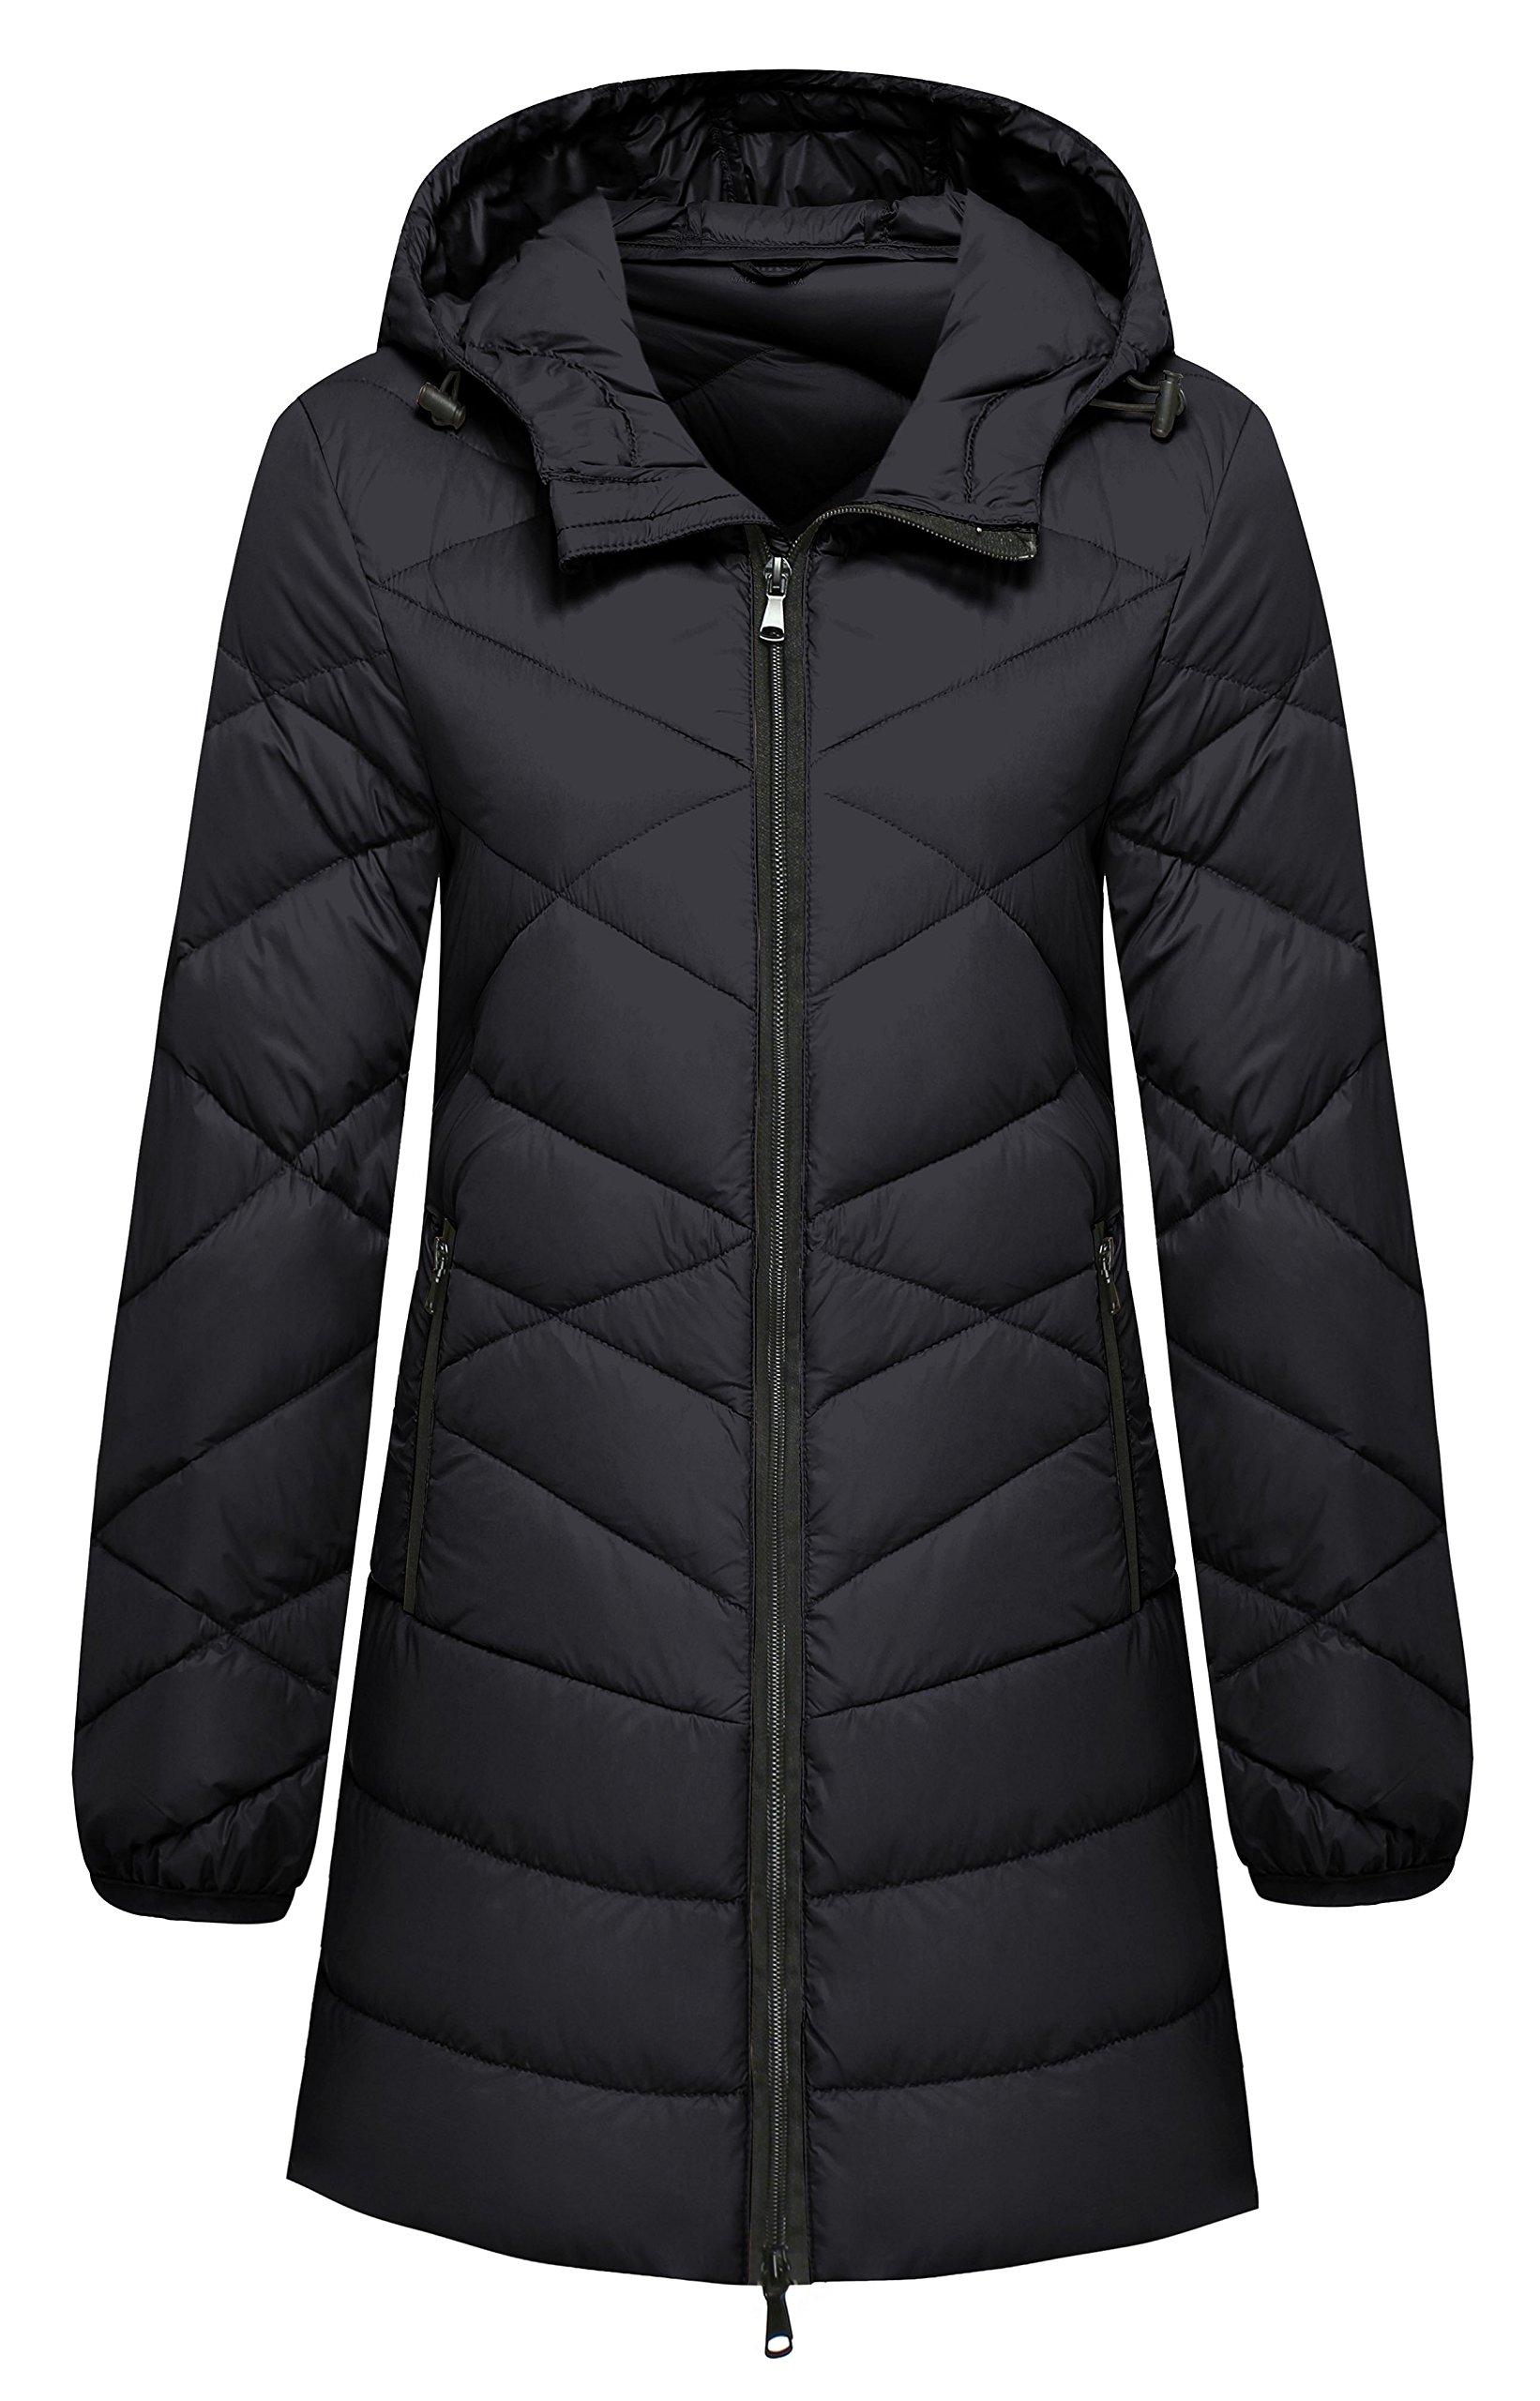 Wantdo Women's Lightweight Packable Down Jacket, Black, Medium